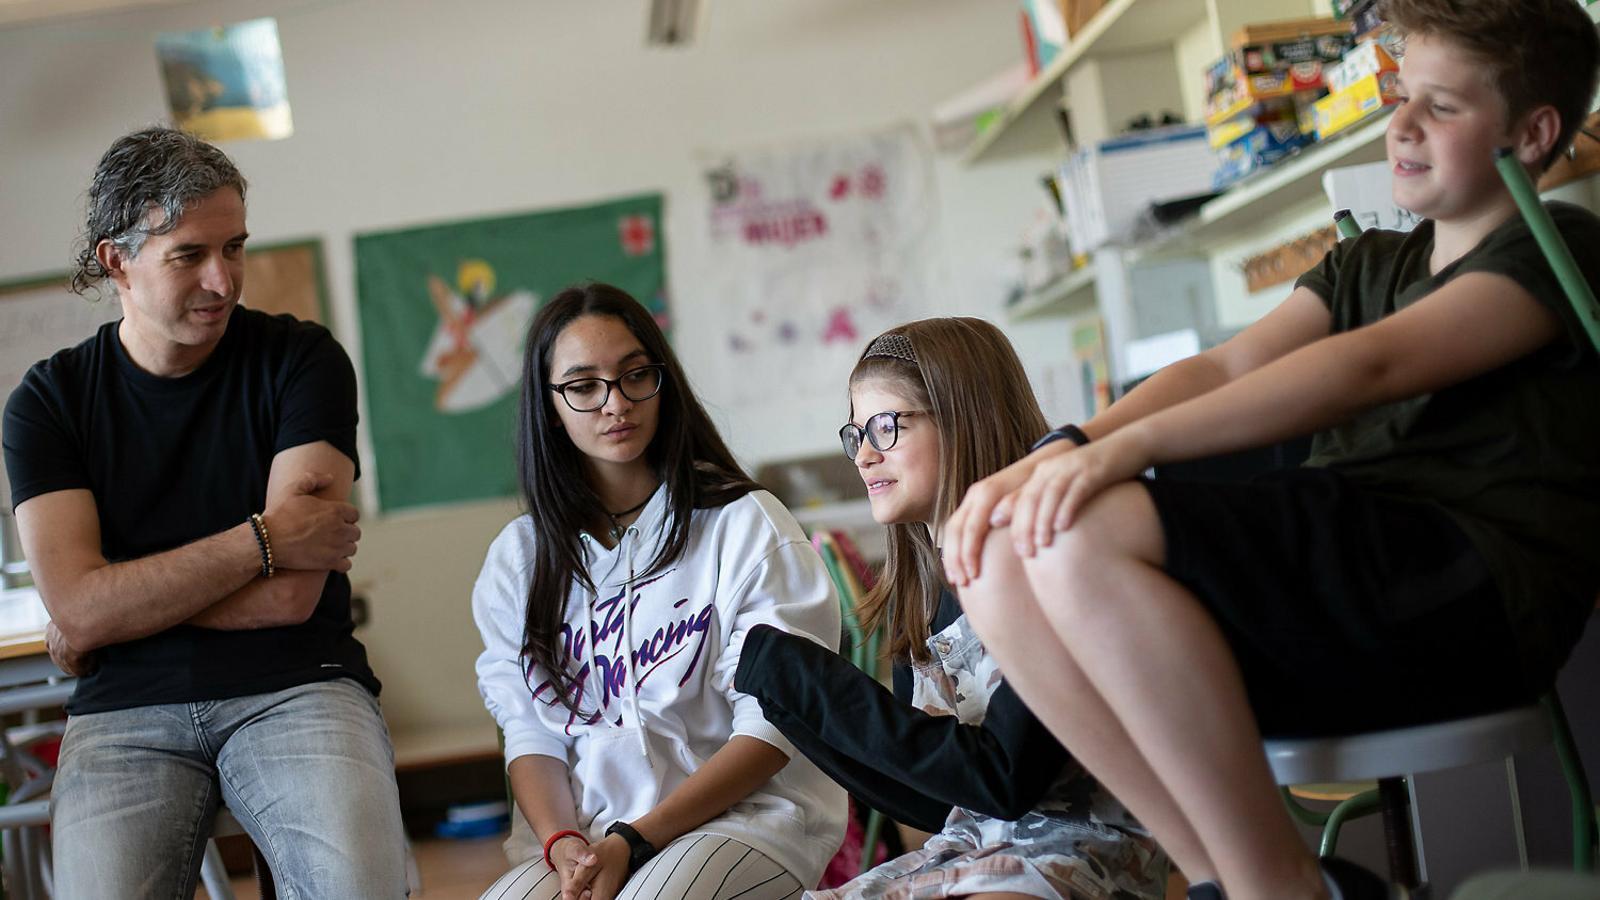 El professor que ha coordinat el documental, Jordi Cruset, amb la Soraya, la Berta i el Pol, alumnes que han particiat en el projecte.